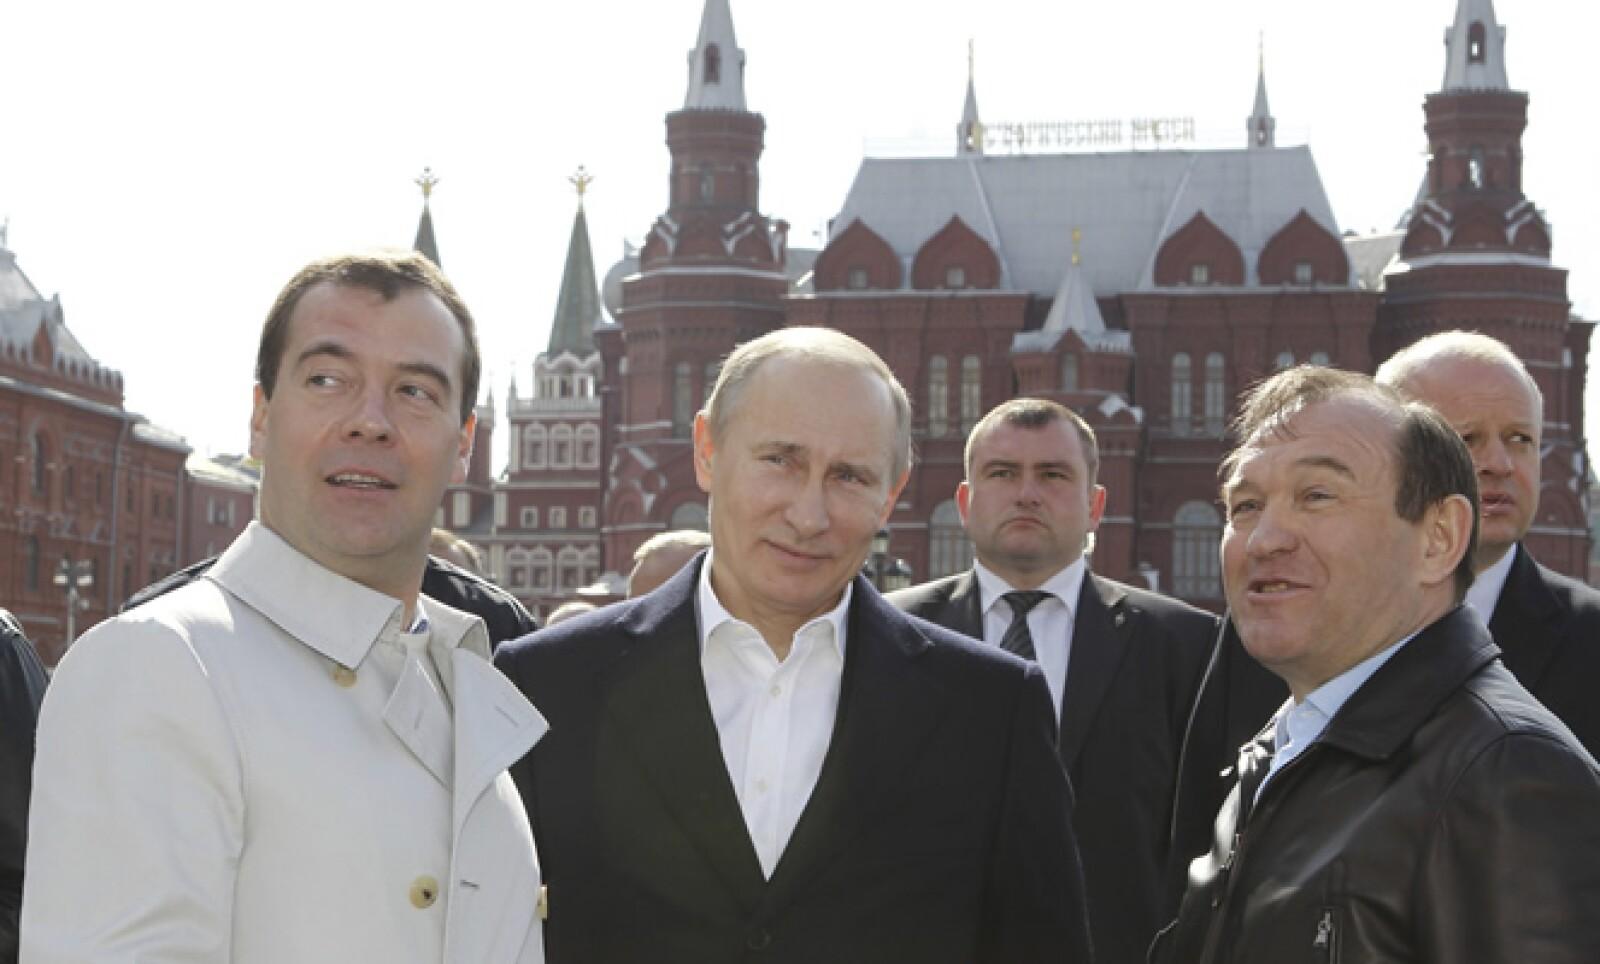 Unas 100,000 personas, incluyendo al presidente Dmitry Medvedev (i), el presidente electo Vladimir Putin (c), y el vicealcalde, Piotr Biriukov (d), formaron parte en una marcha principal a través del centro de la ciudad.